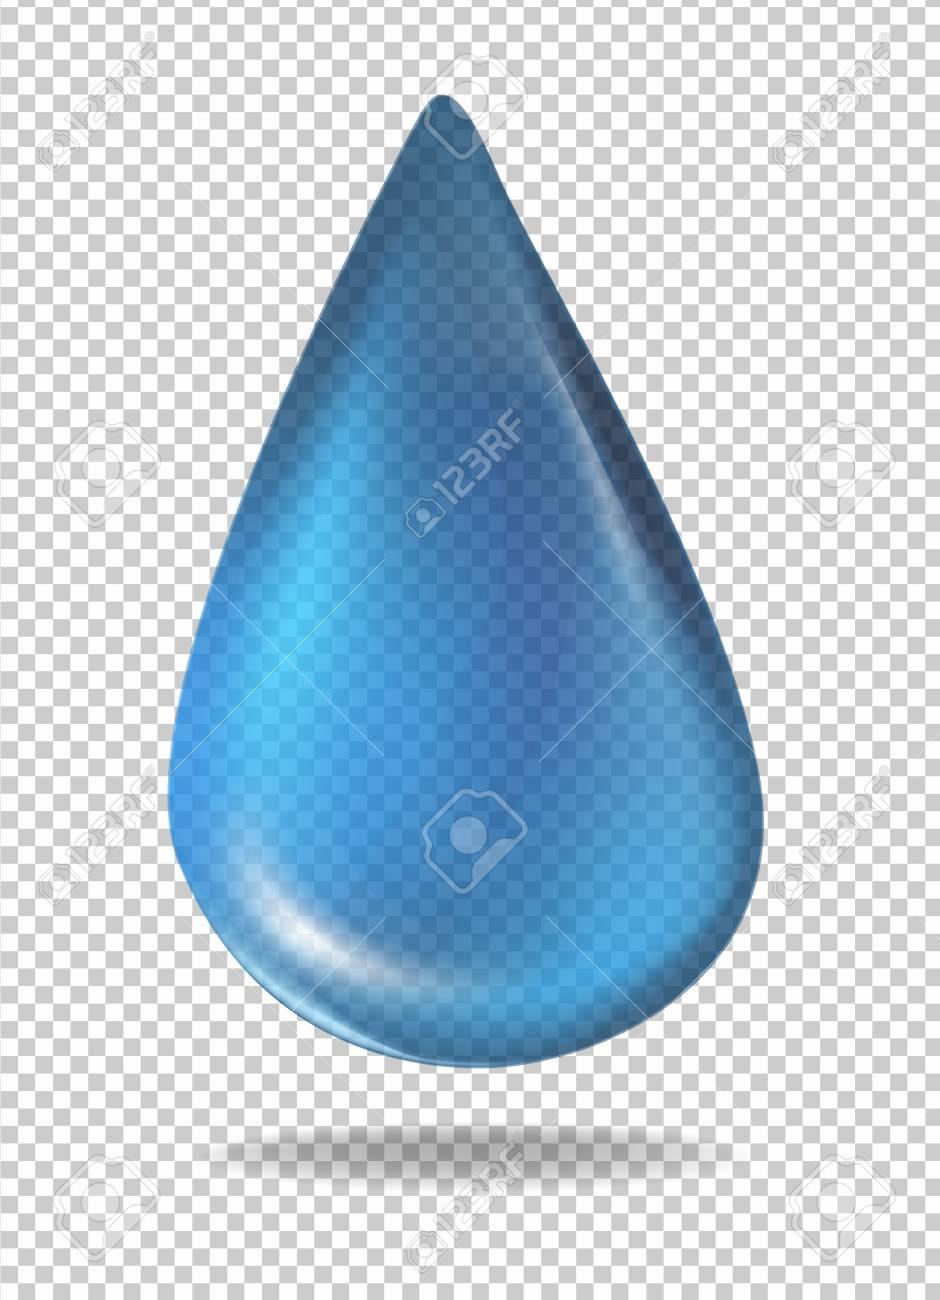 青い液体イラストの液滴のイラスト素材ベクタ Image 79459830